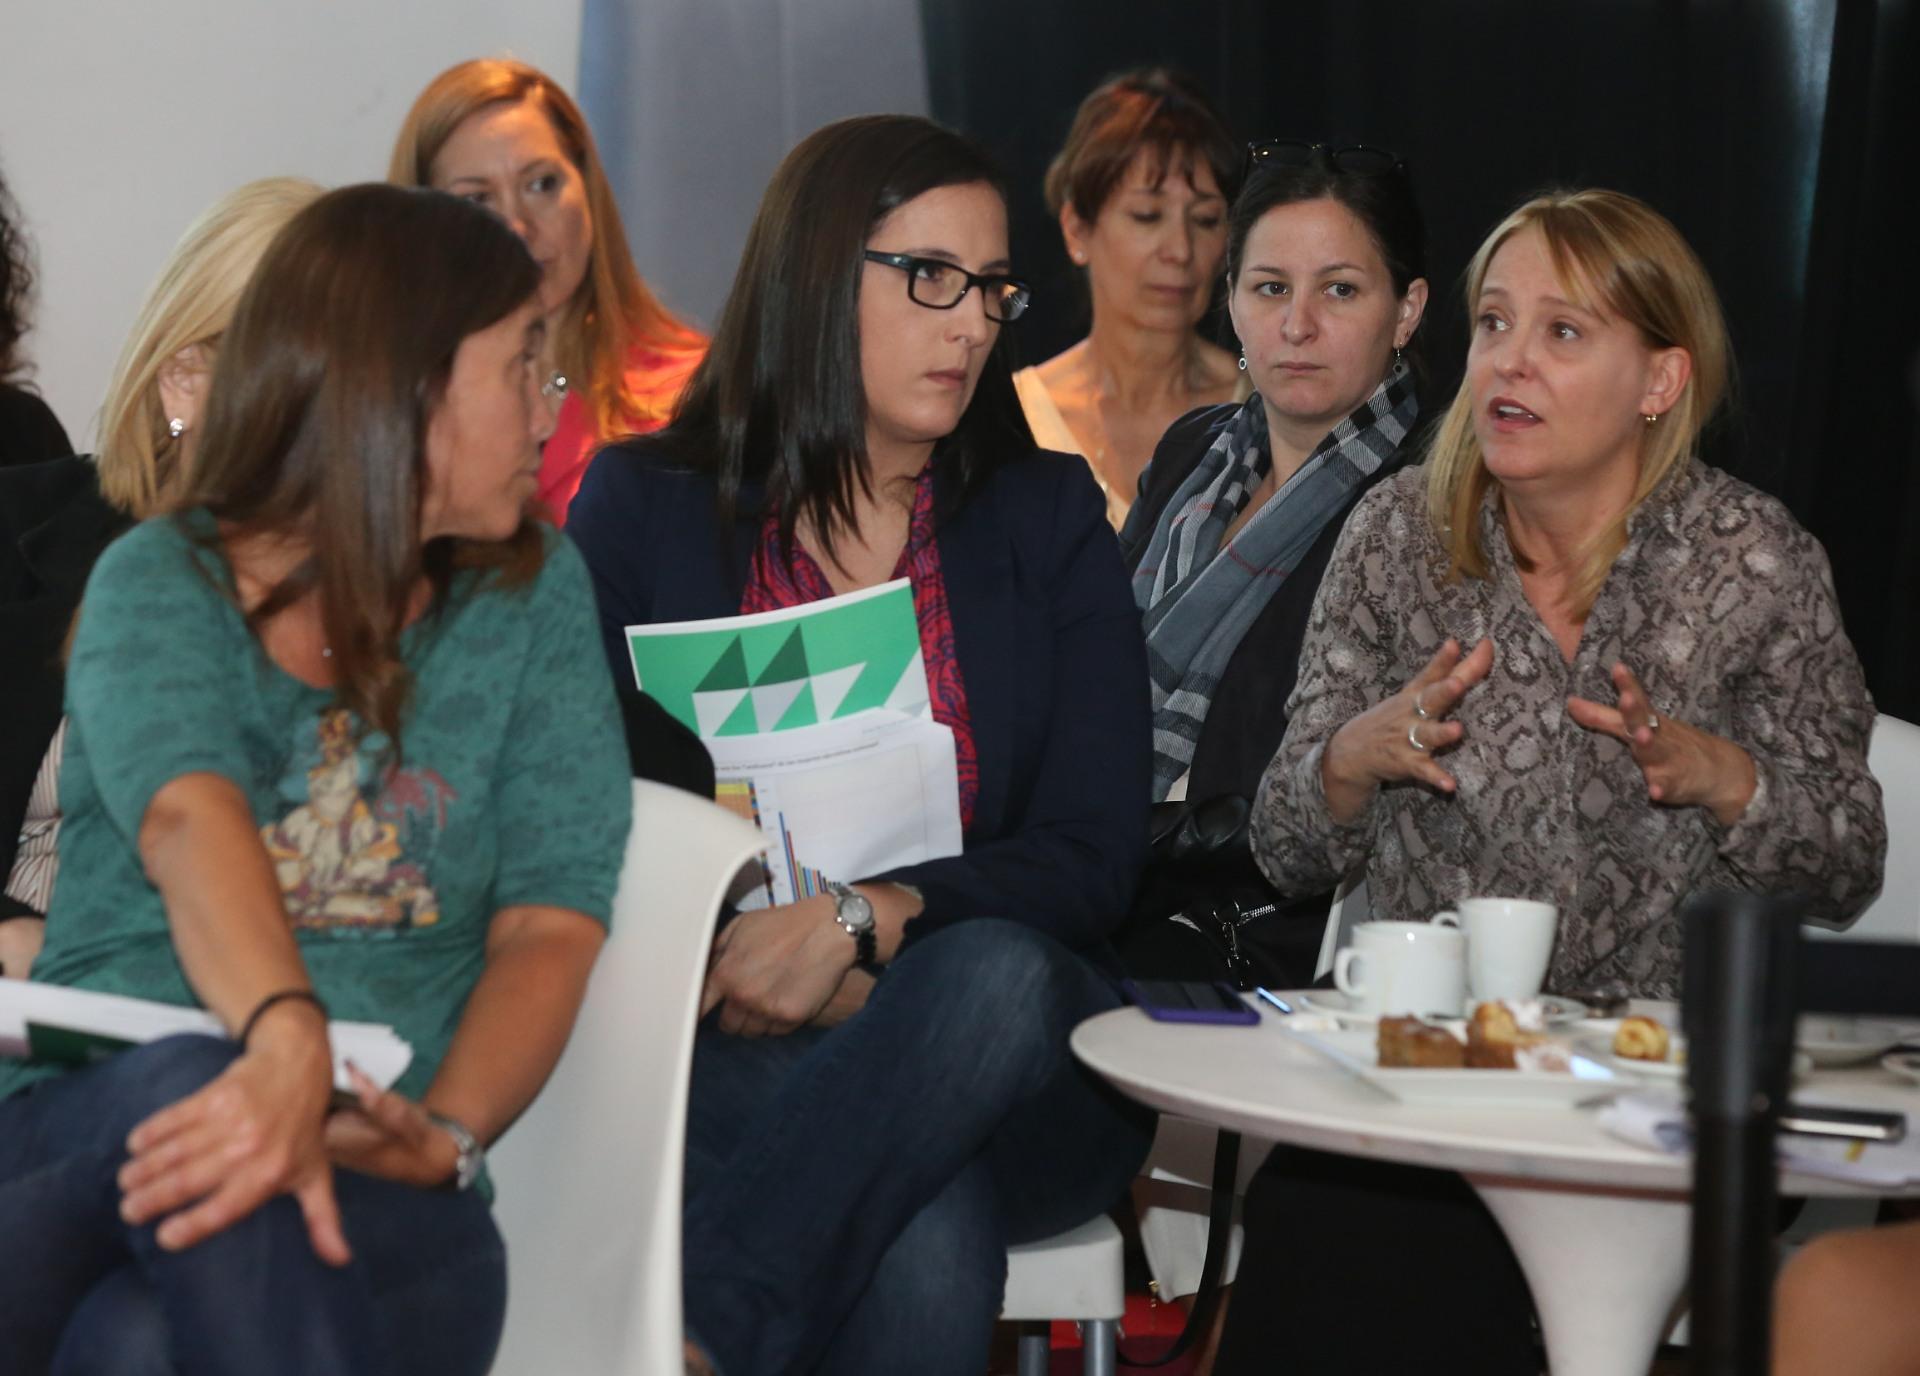 Las mujeres debatieron acerca del futuro femenino dentro del mundo laboral